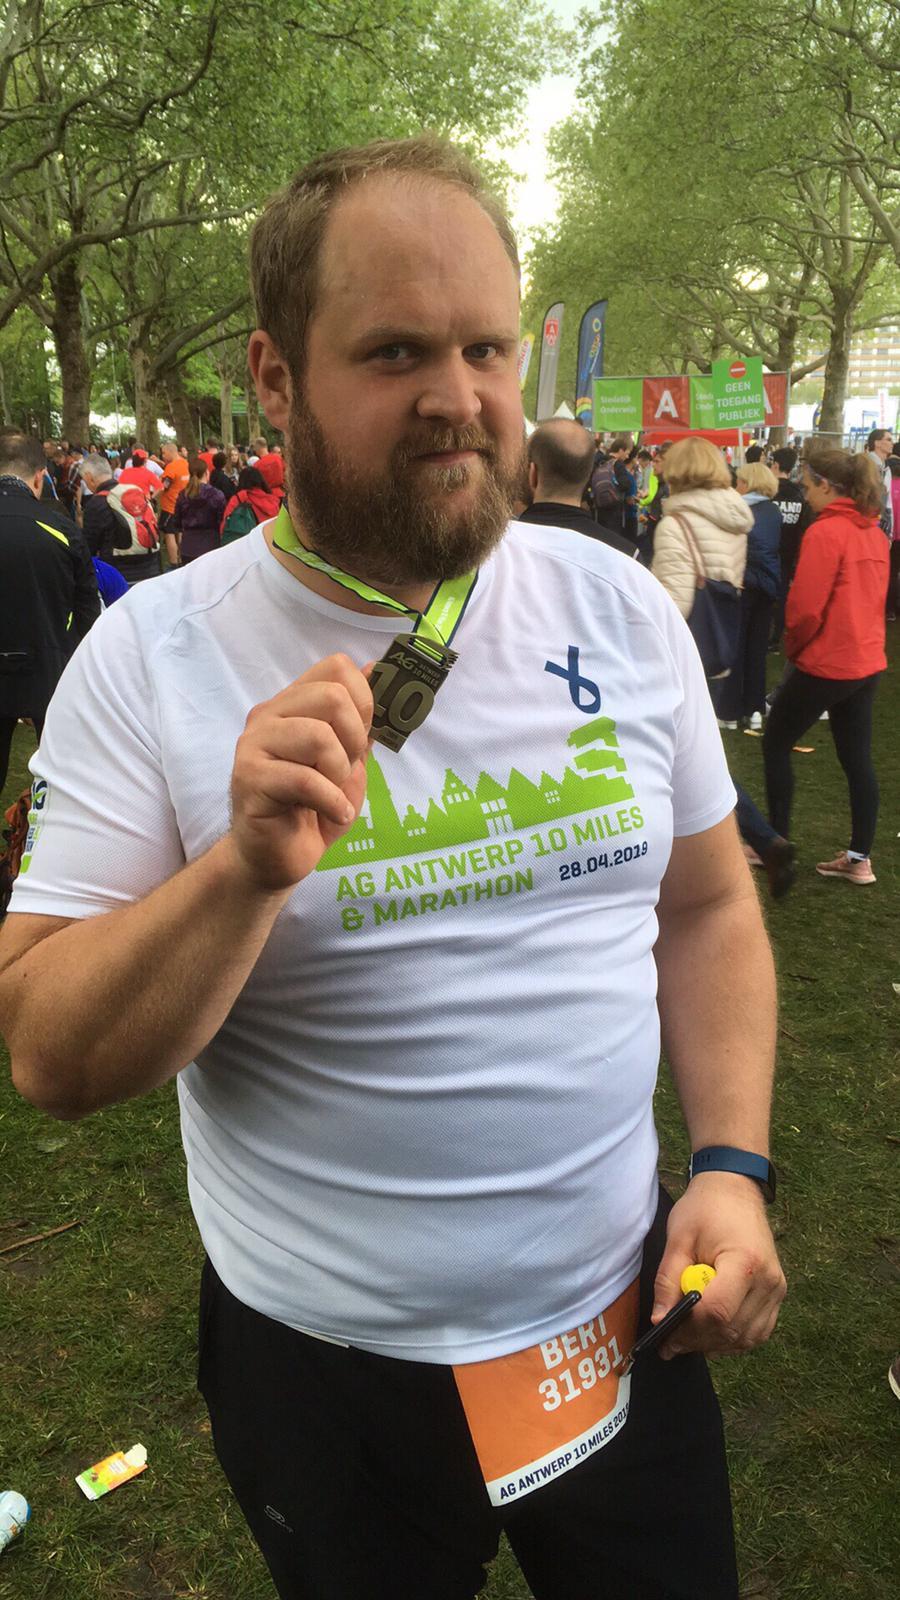 10 miles - finish